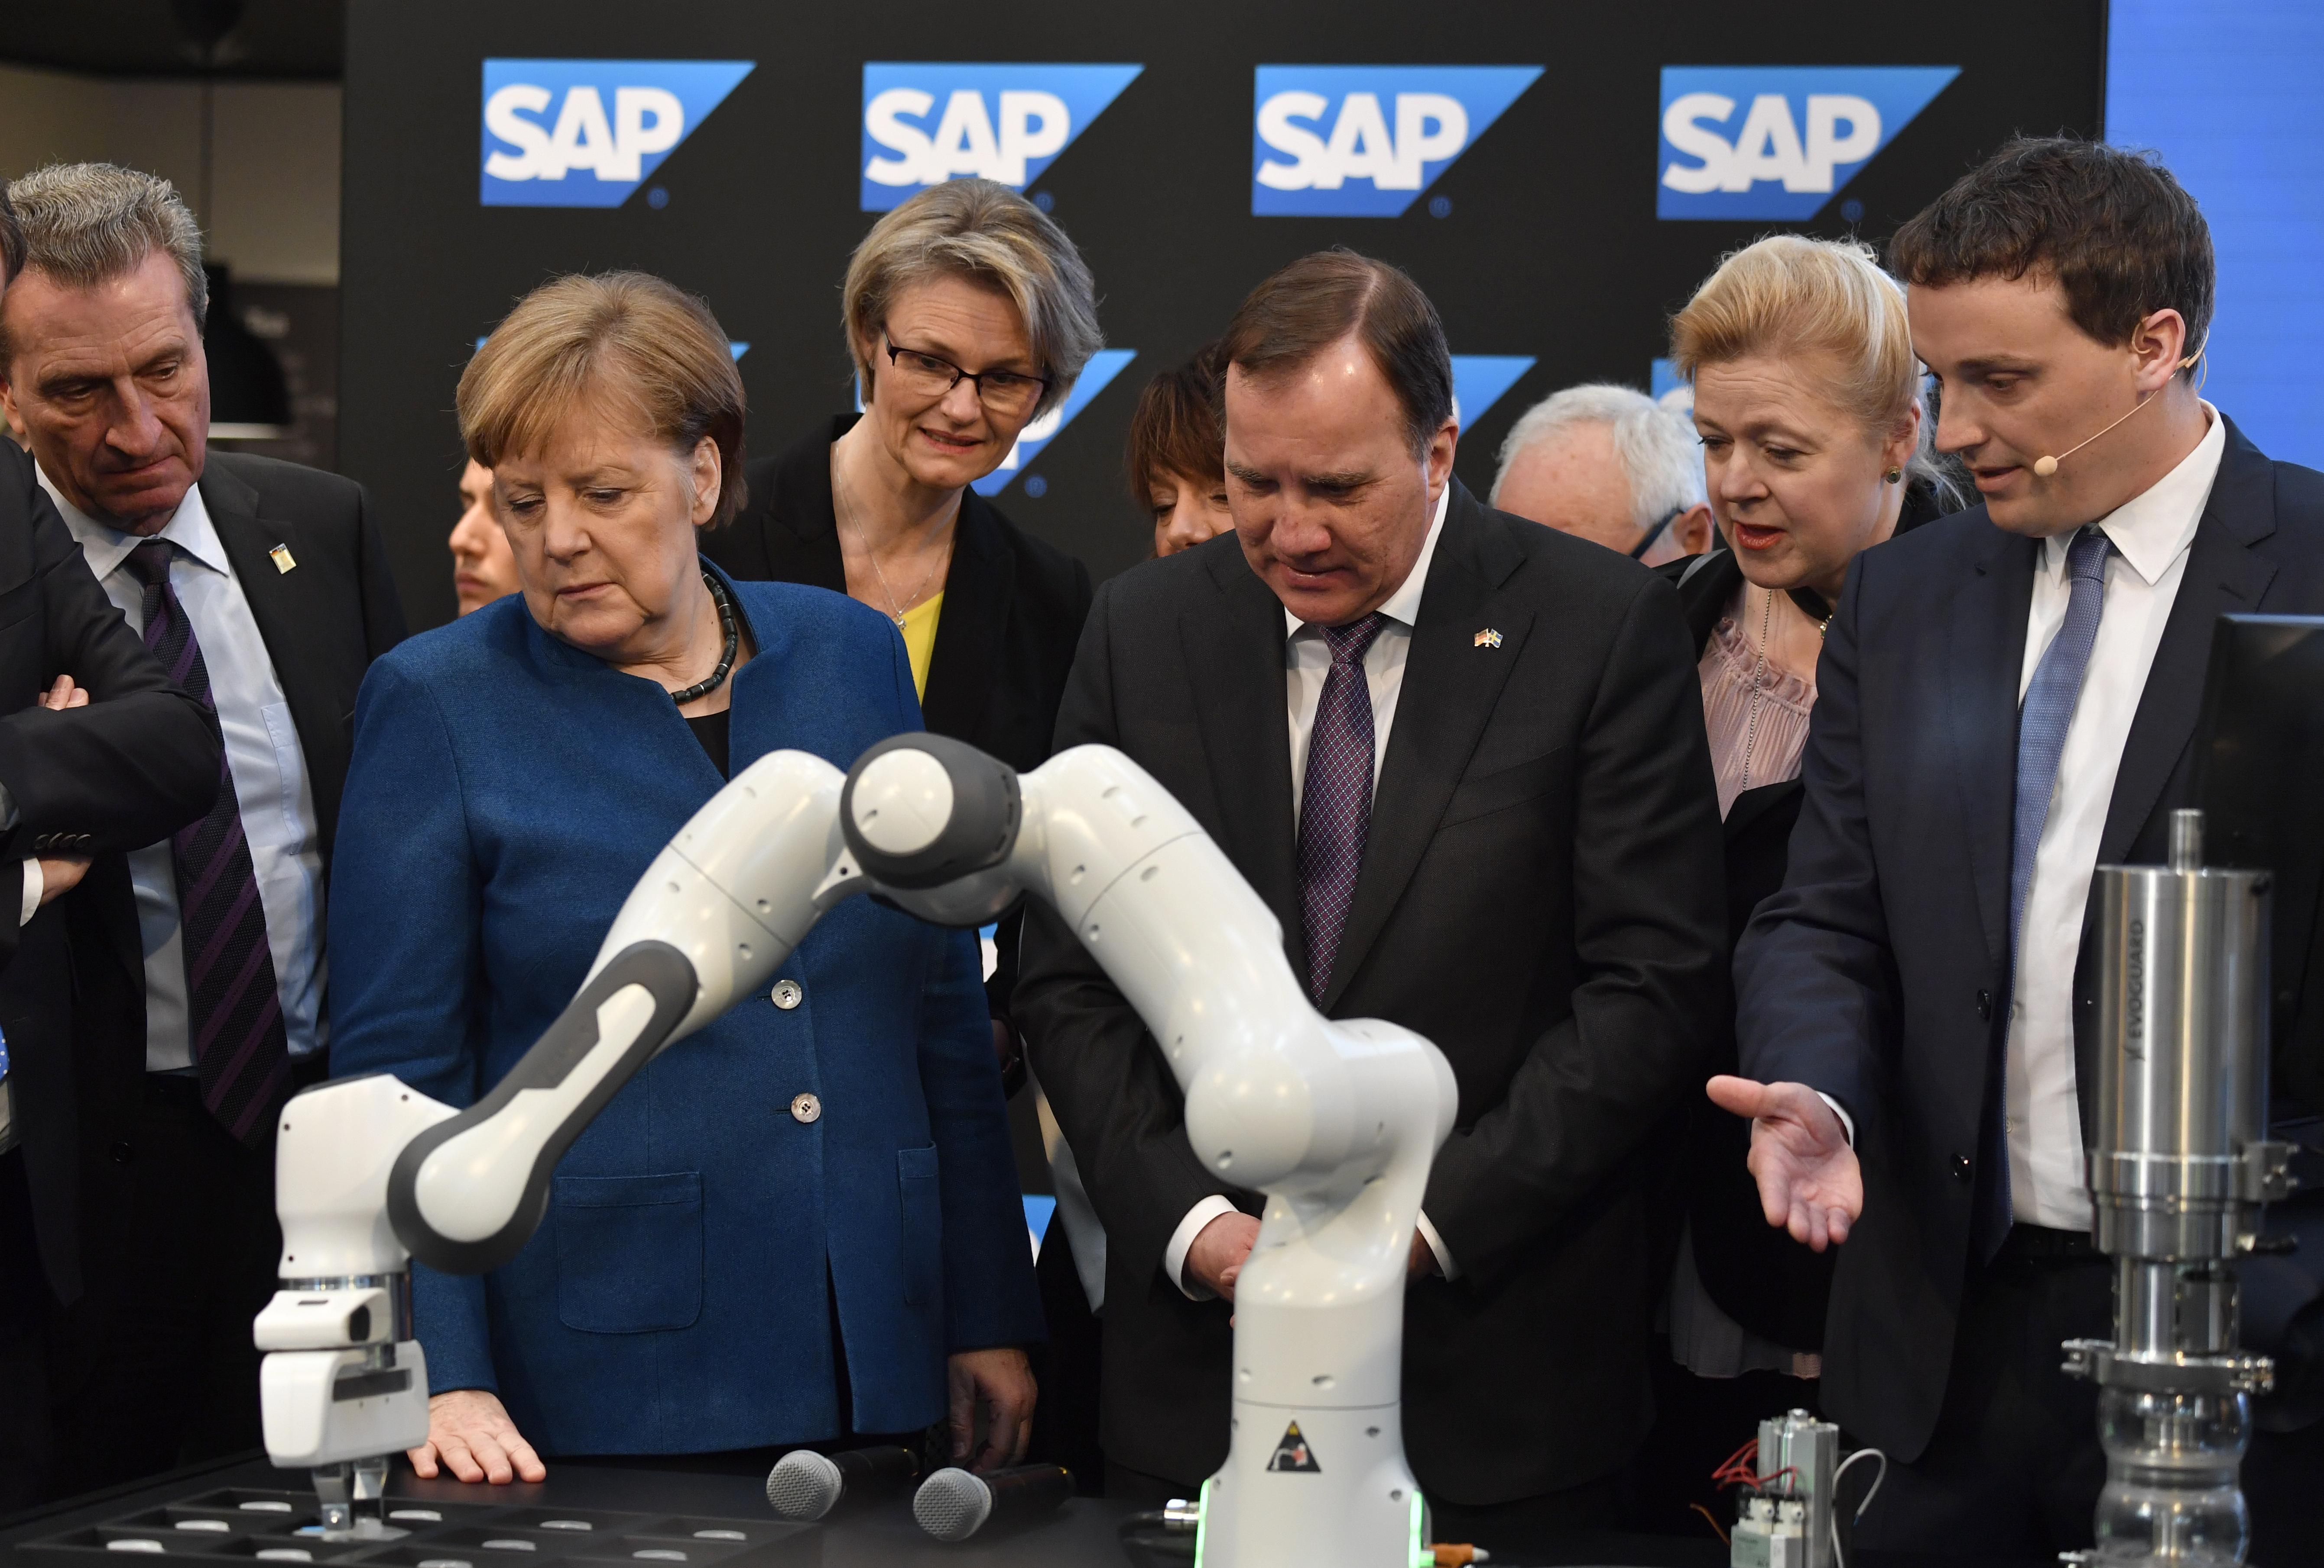 4月1日,默克爾在展會上參觀新科技產品。(John MACDOUGALL/AFP)